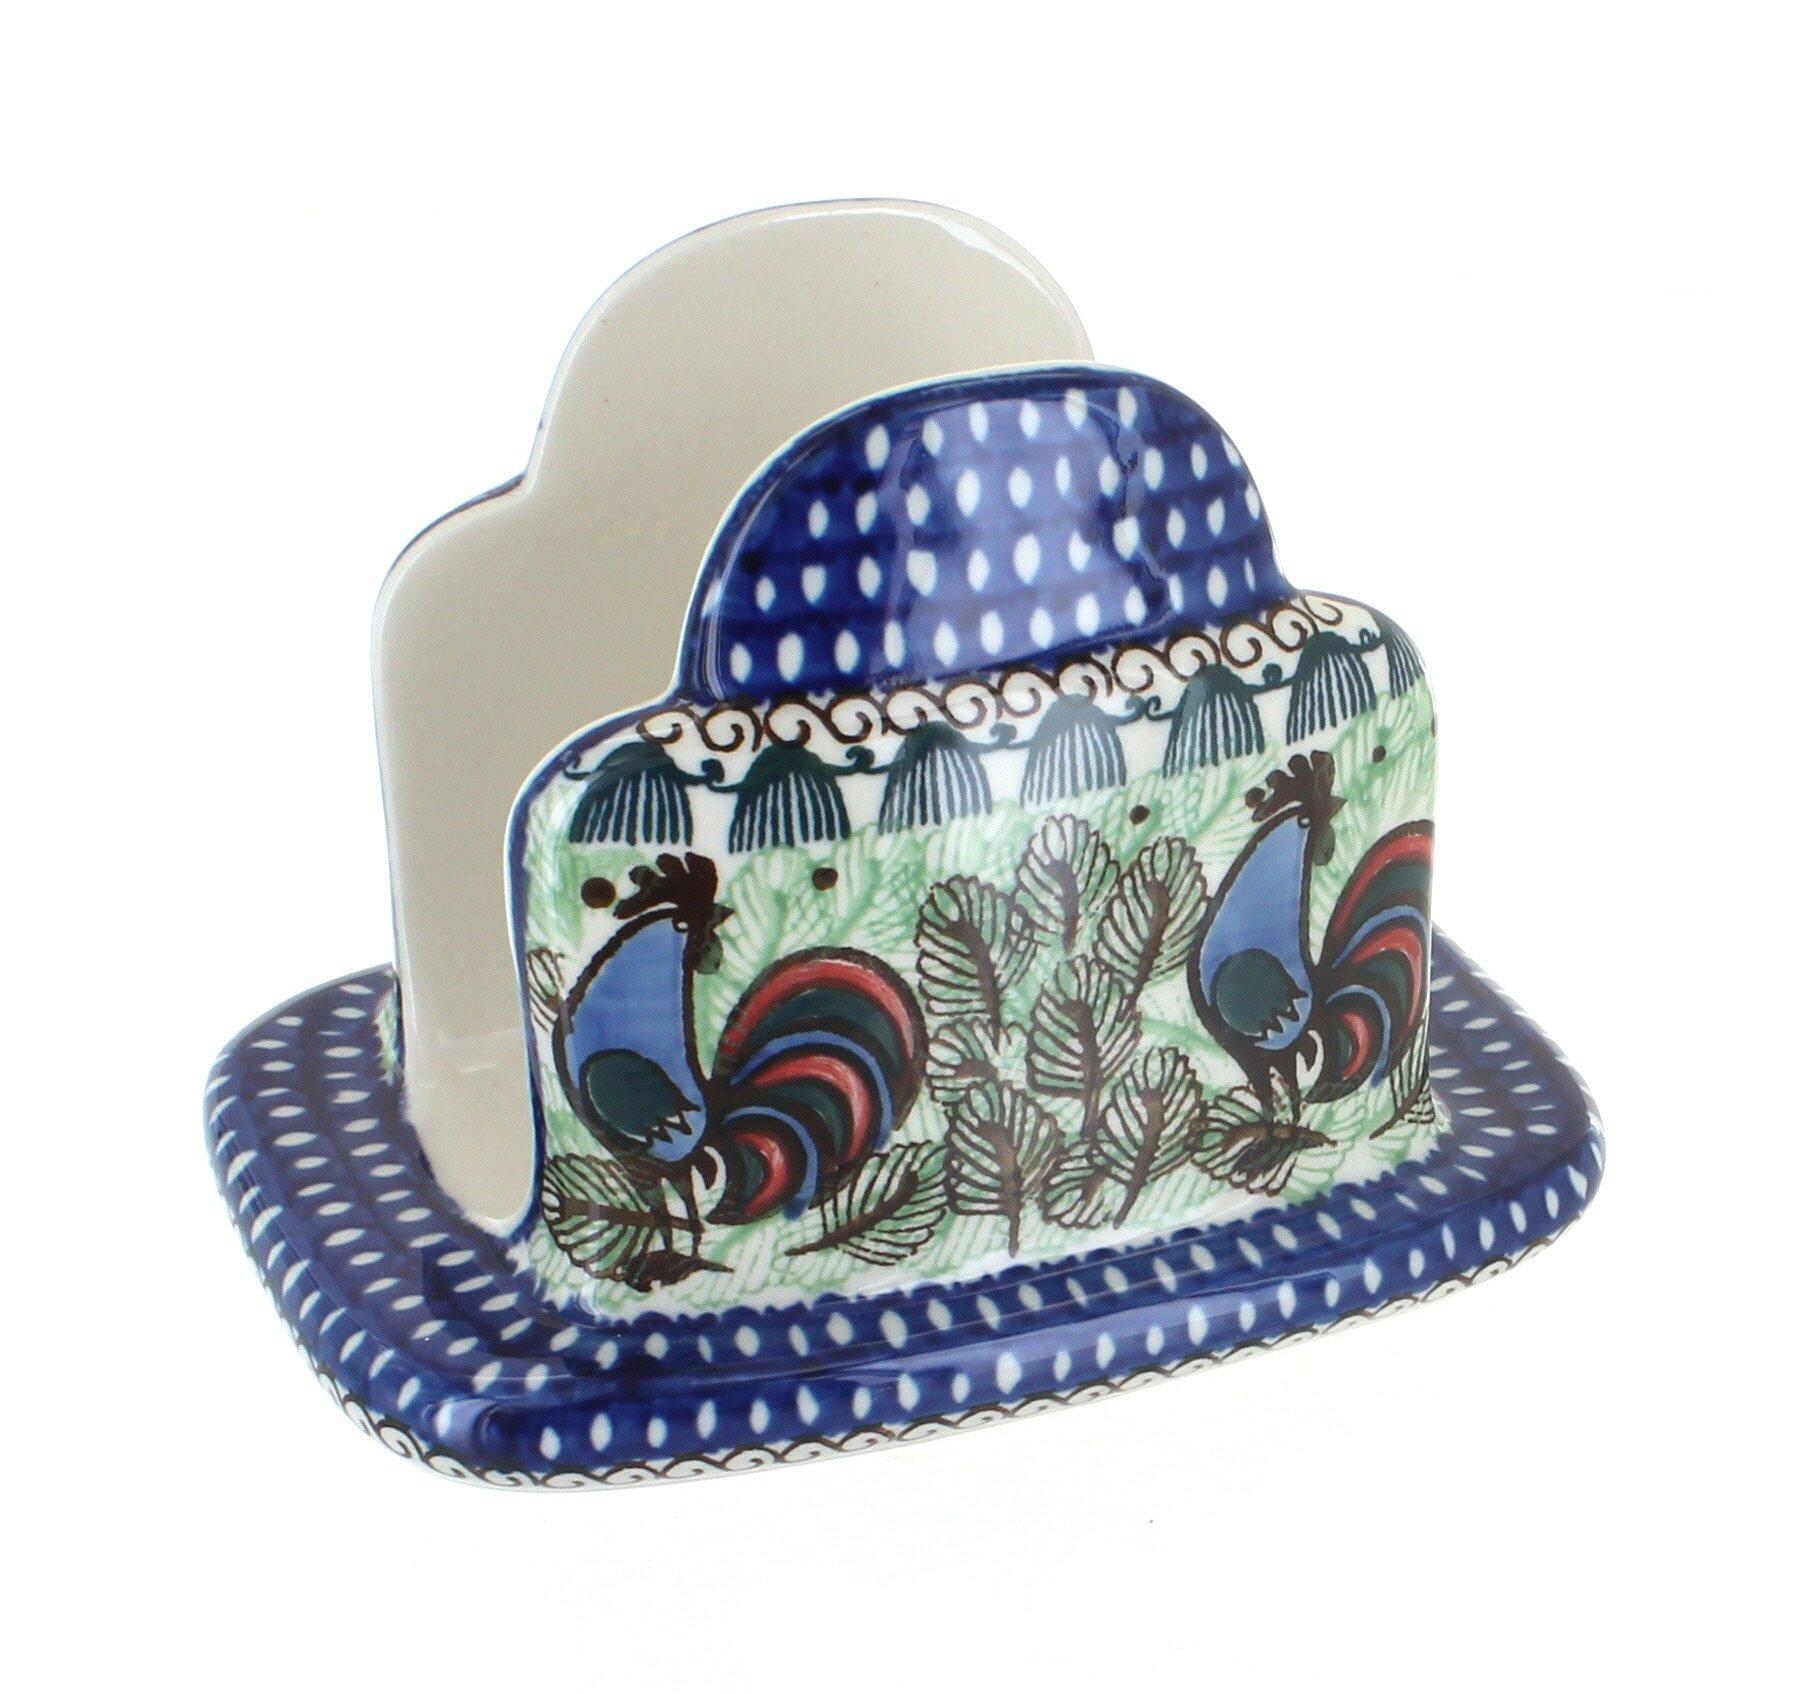 Polish Pottery Rooster Row Napkin Holder by Ceramika Artystyczna